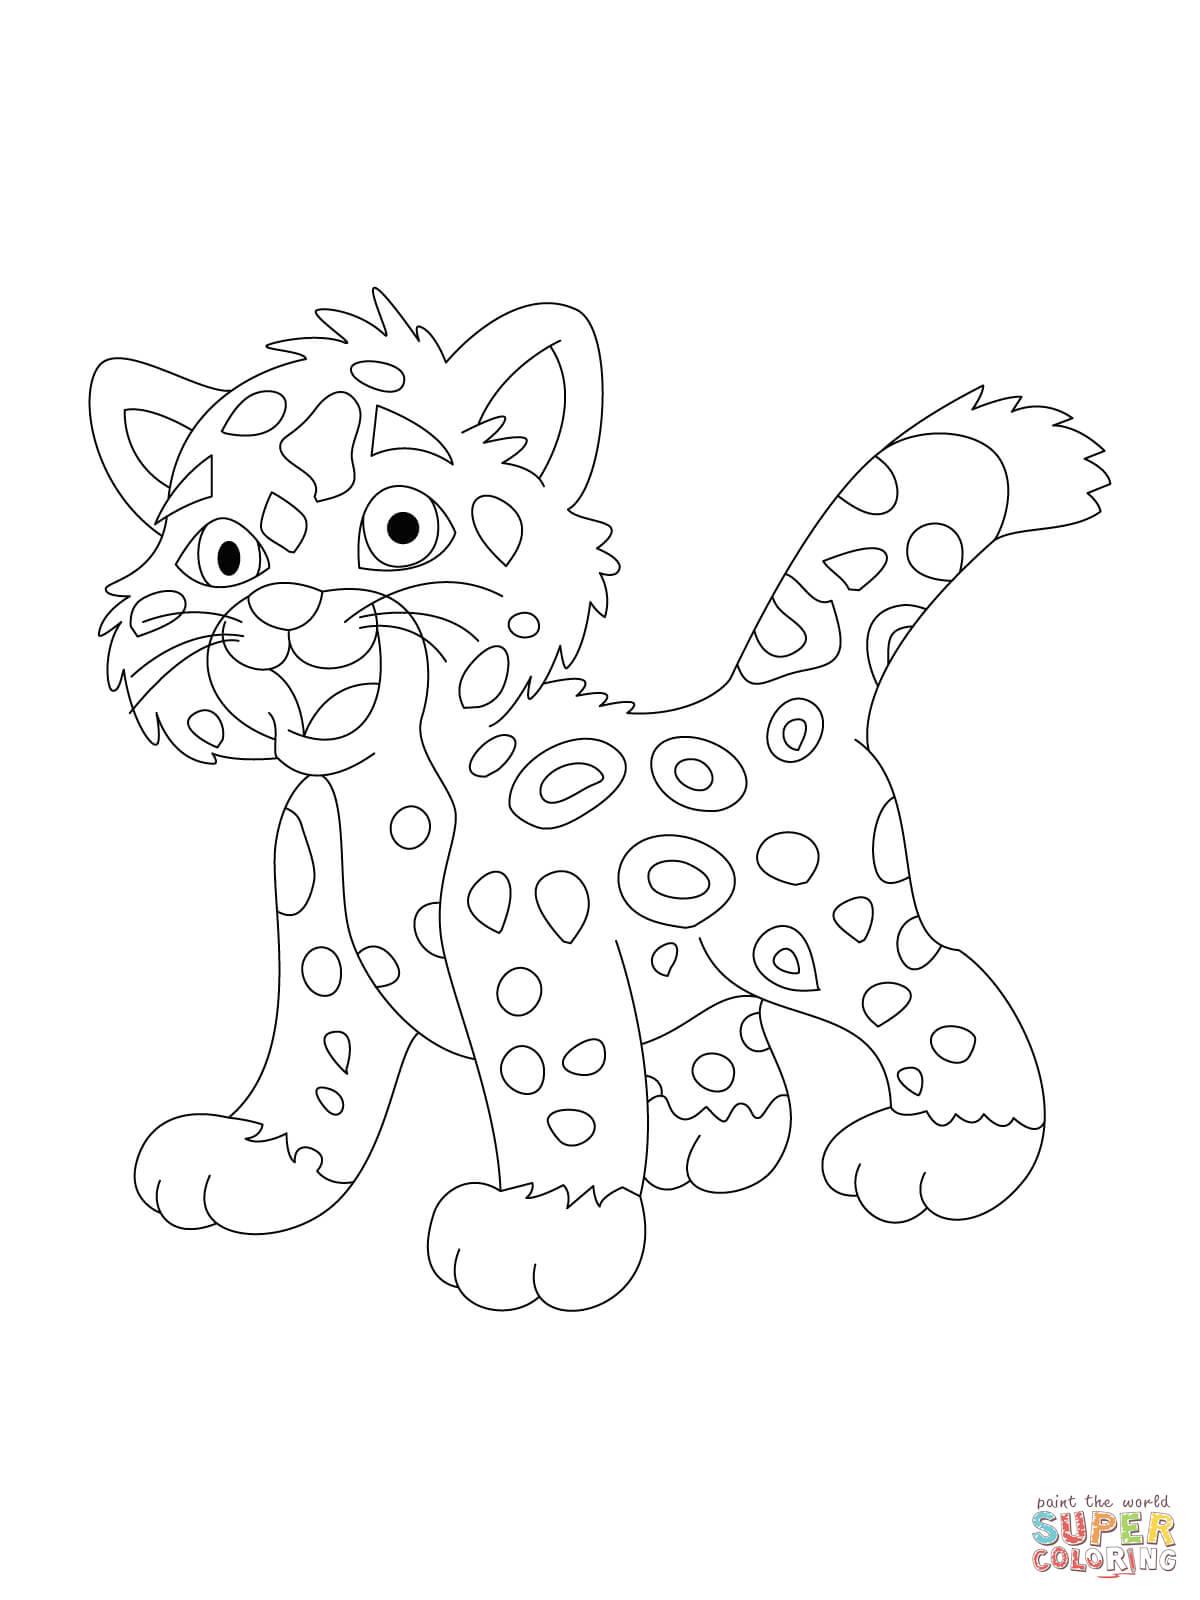 Excepcional Página Para Colorear De Jaguar Negro Cresta - Dibujos ...